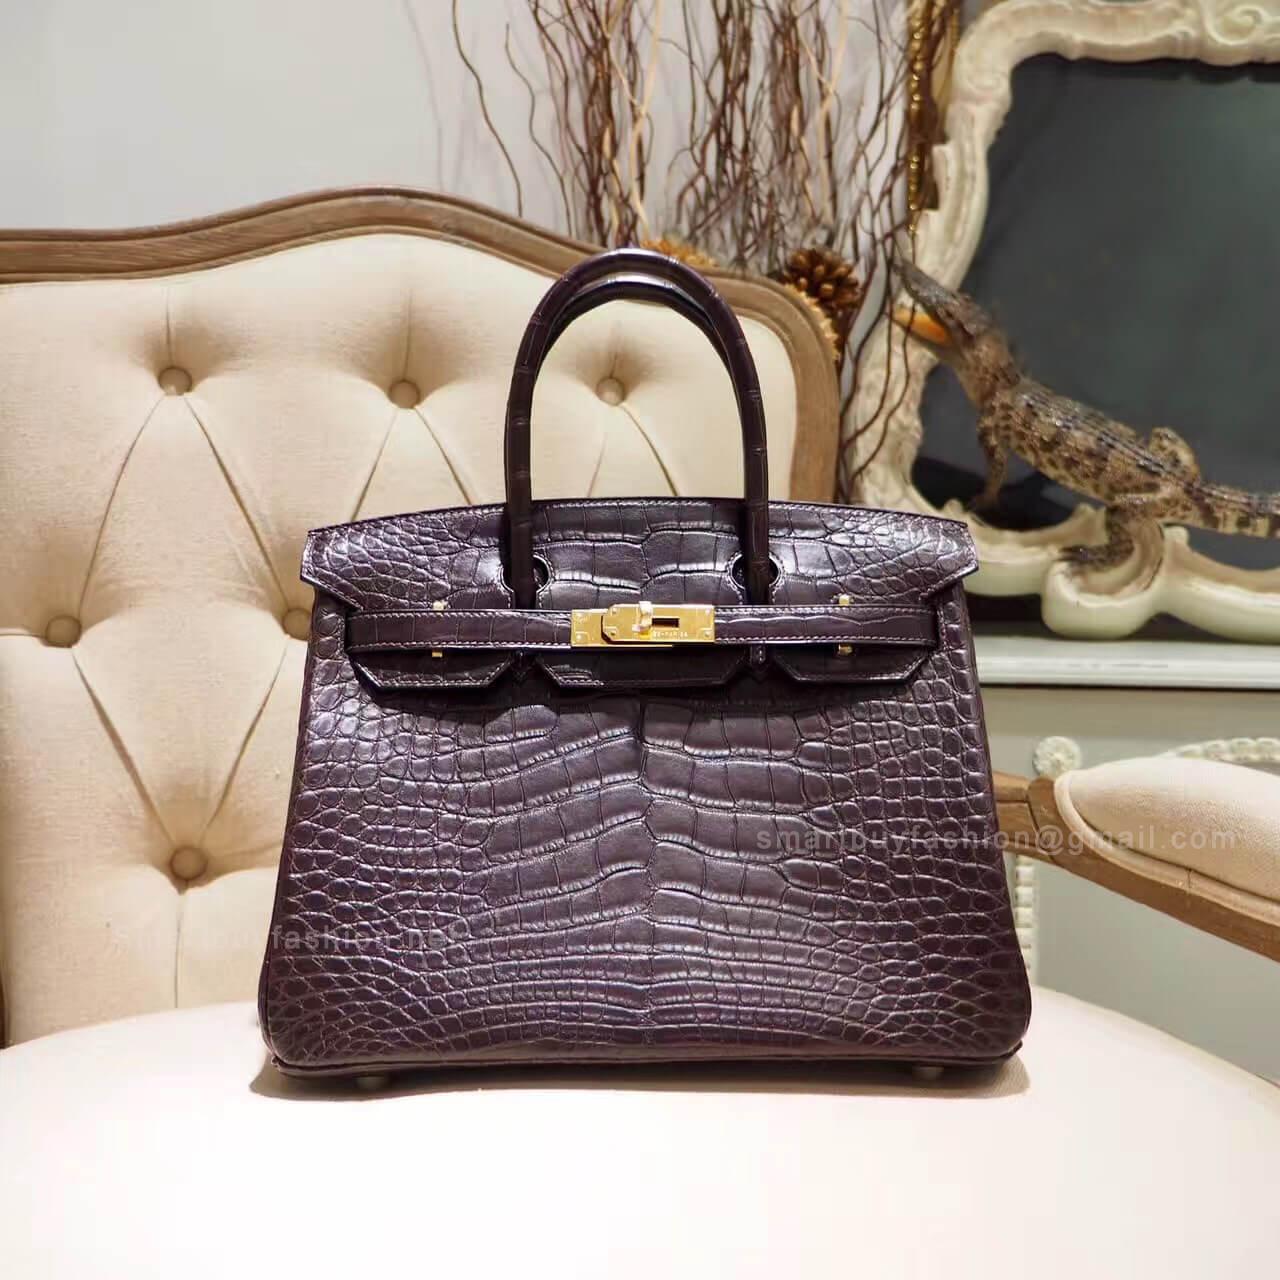 e3167e961160 Hermes Birkin 35 Bag in cc88 Graphite Shiny Porosus Croc PHW - Hermes  Replica